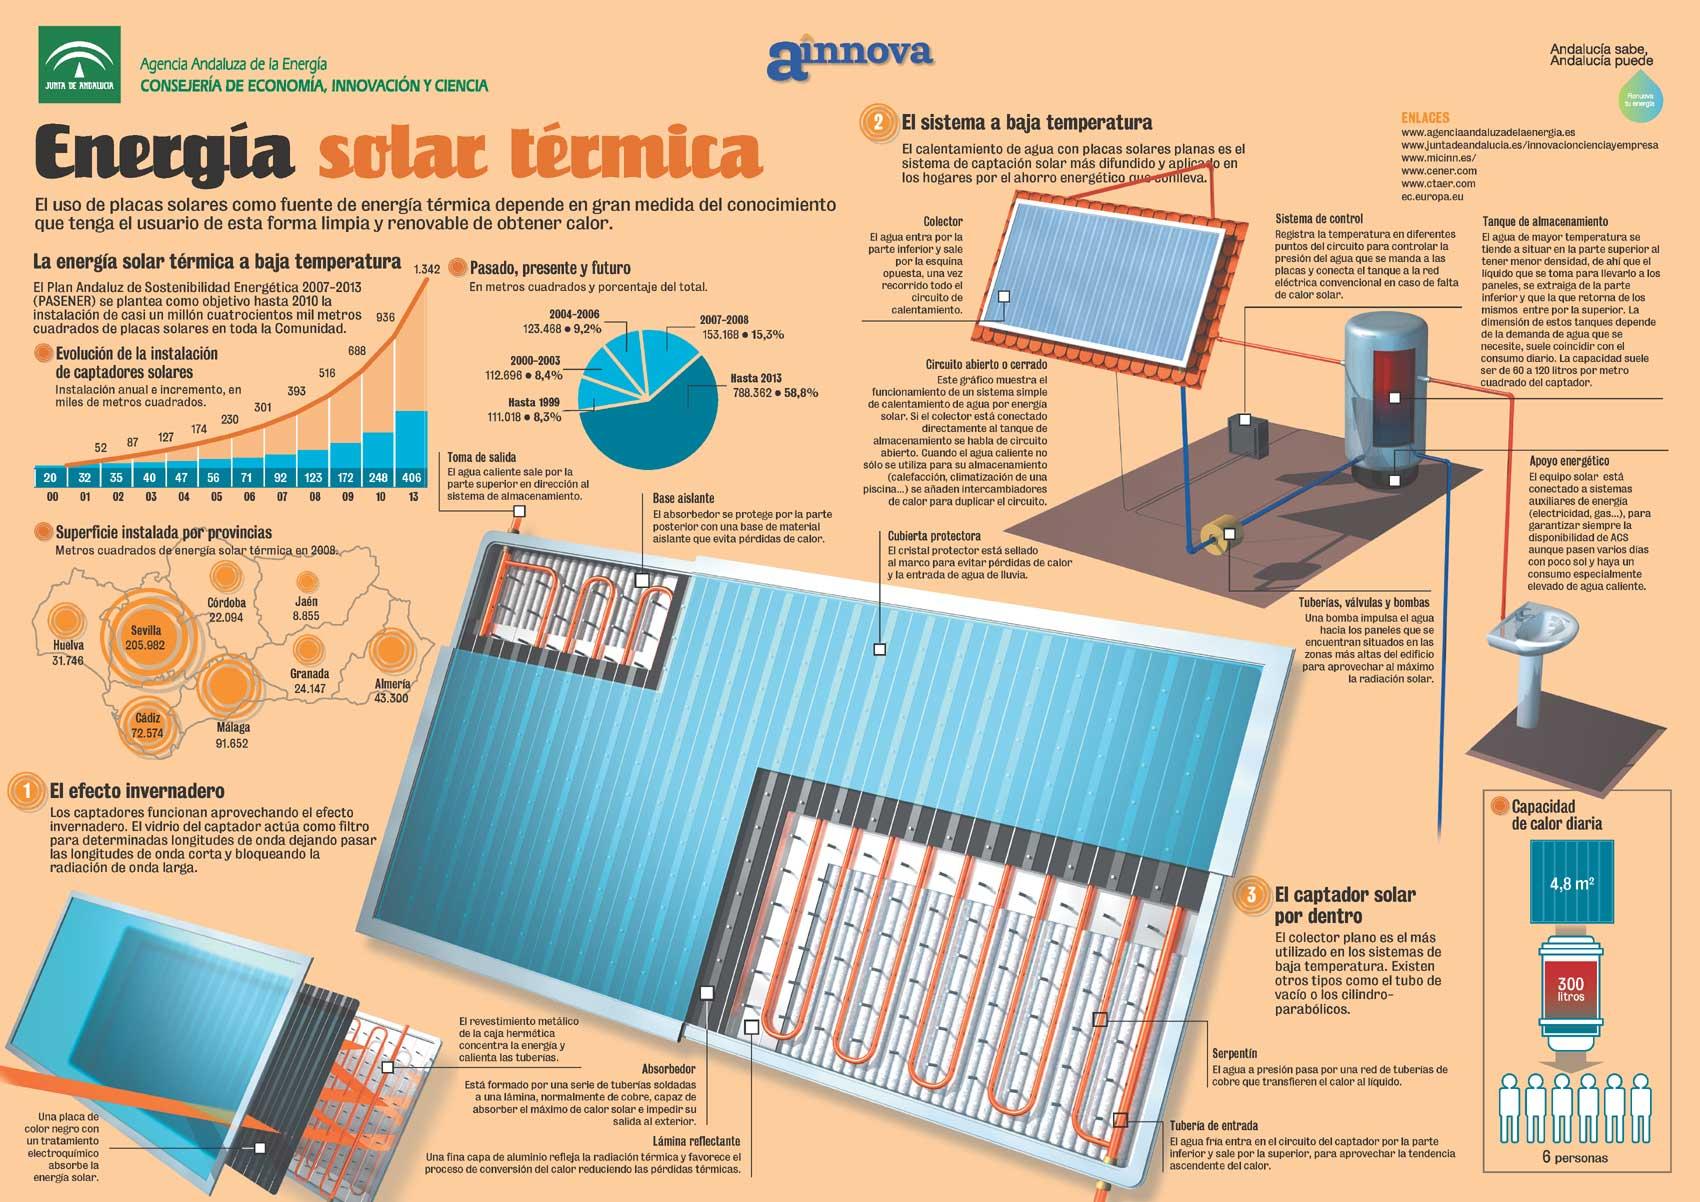 renovables solar térmica